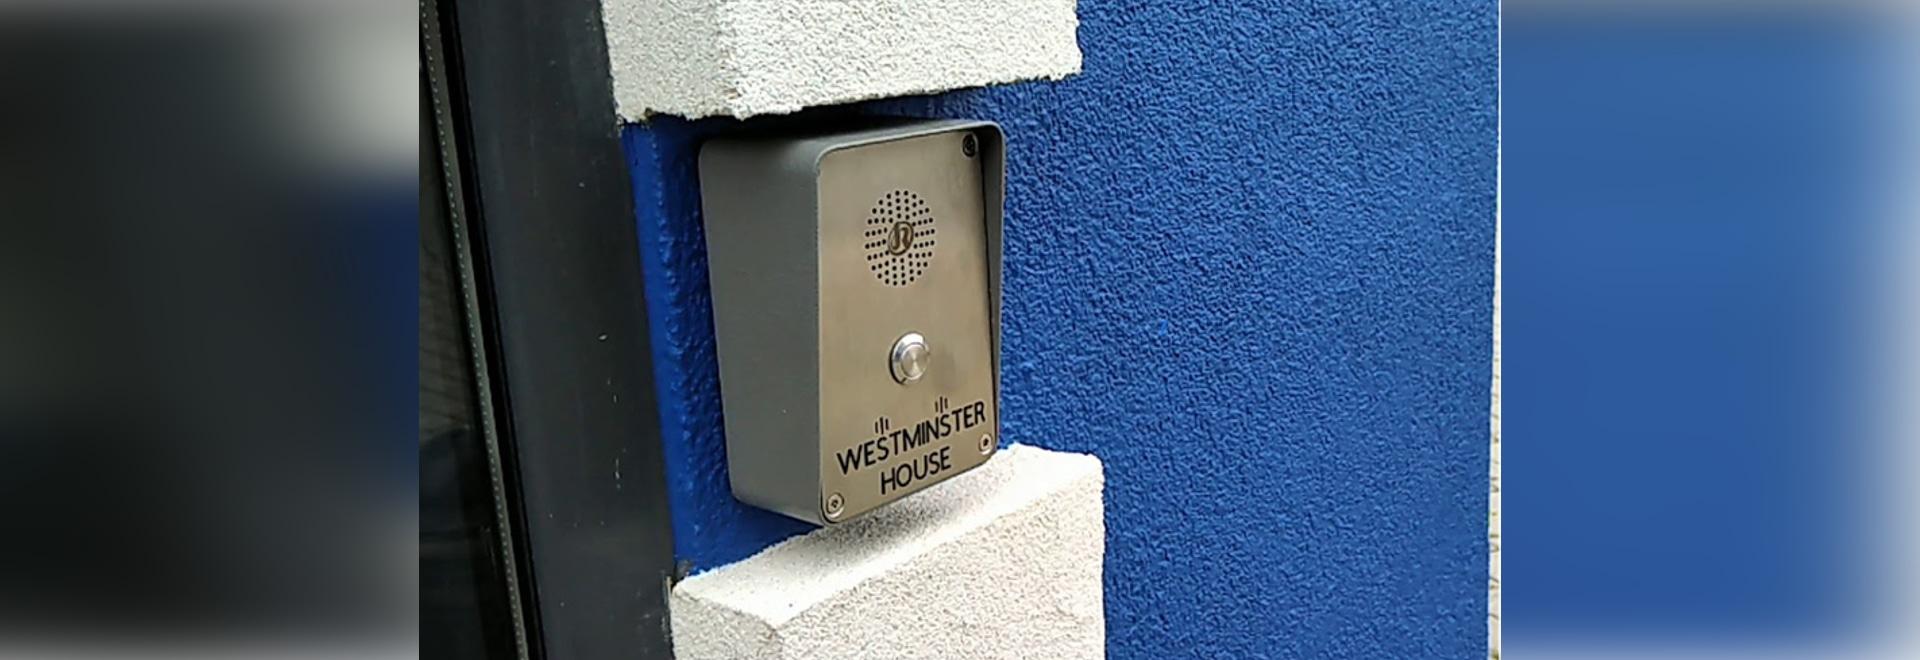 vandal-proof-door-intercom